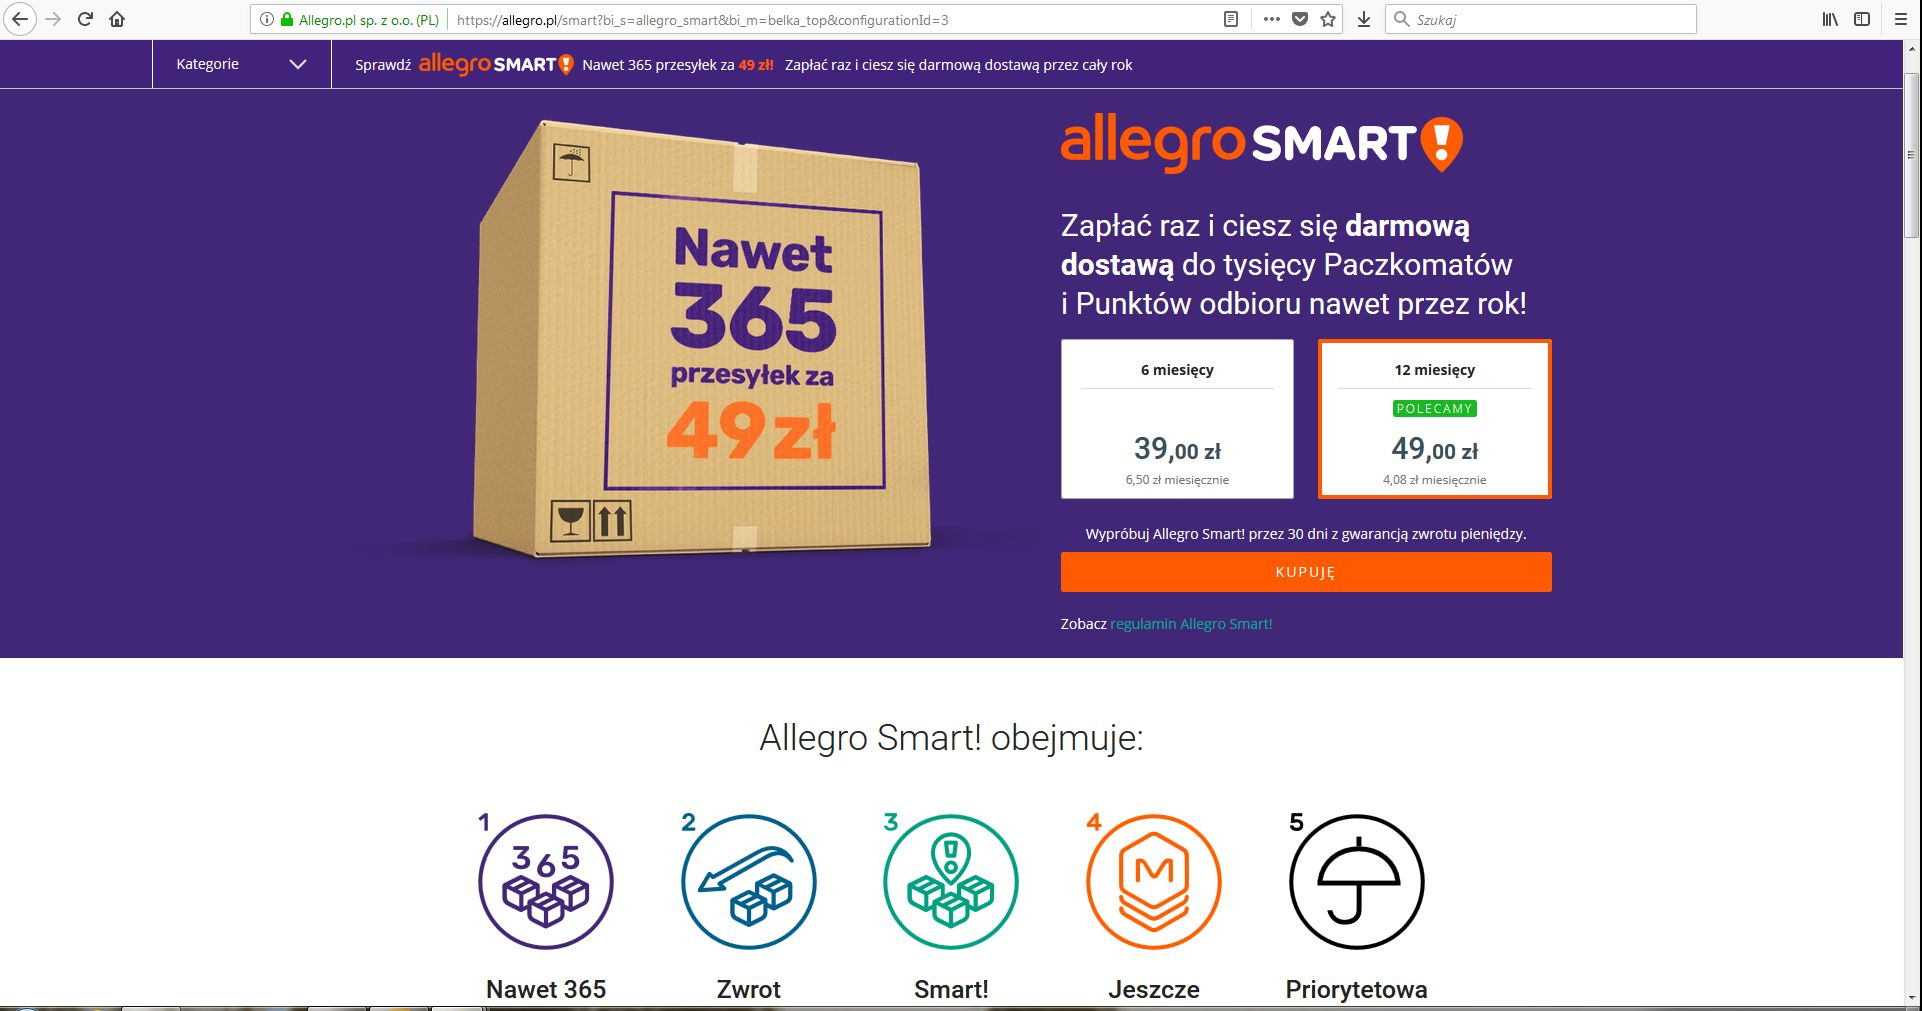 Allegro Smart Nowy Pomysl Allegro Sprzedaje W Necie Blog O Tematyce E Commerce I Handlu W Internecie